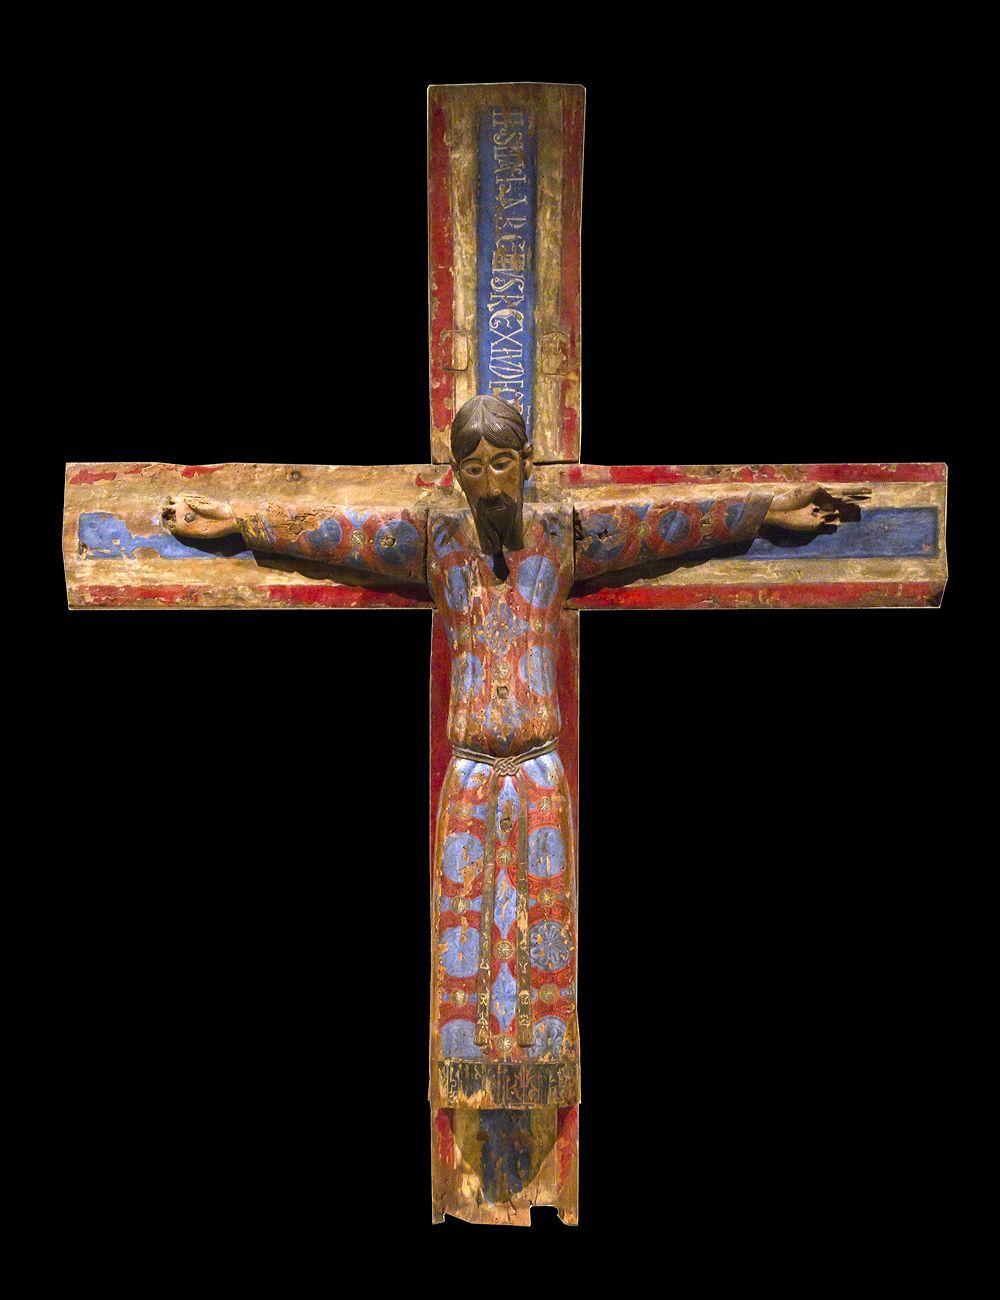 En el Románico la escultura de bulto redondo aparece exclusivamente reducida a las imágenes de Cristo crucificado.